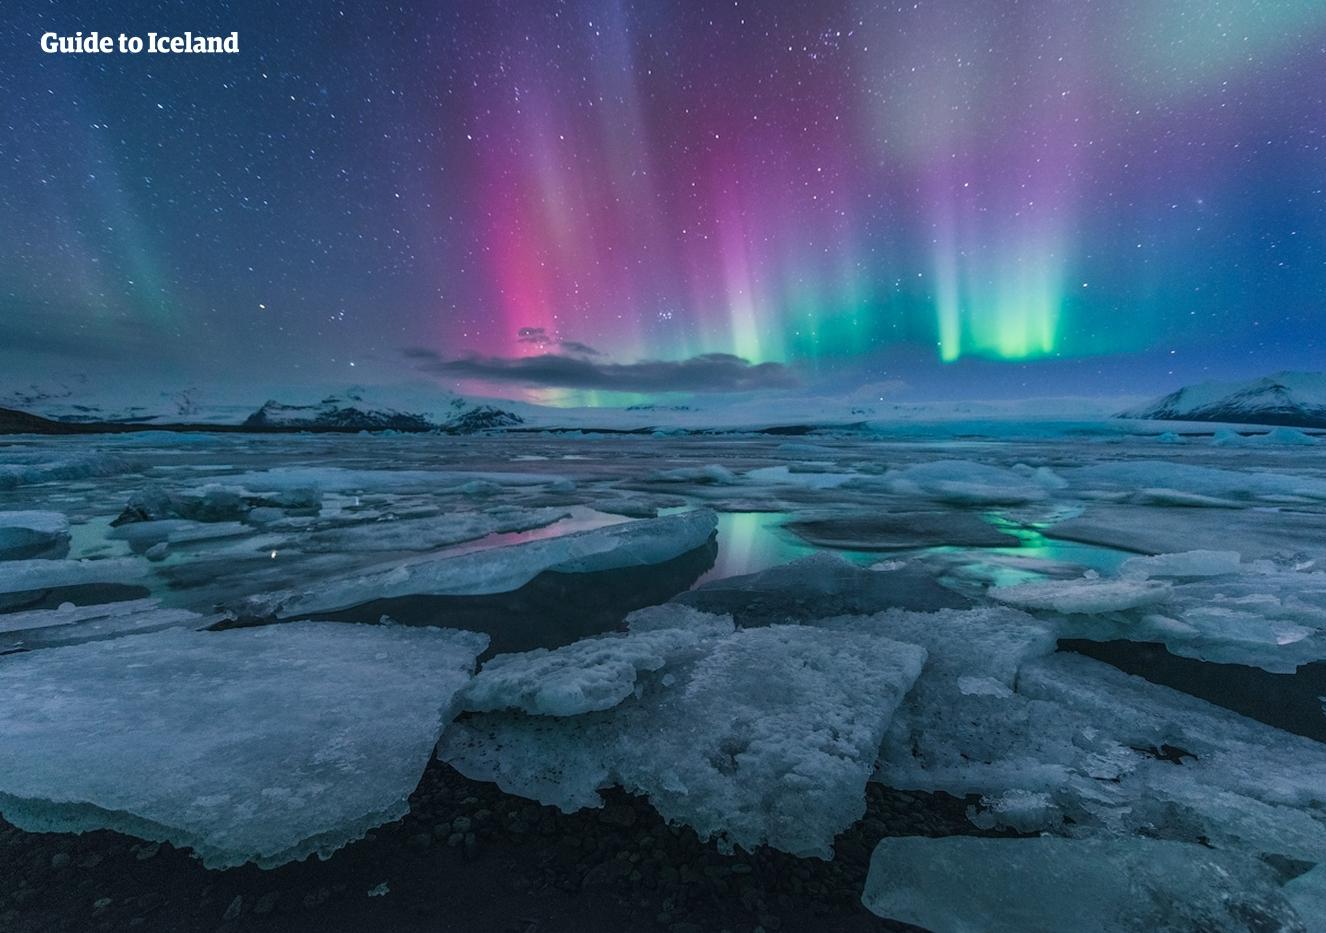 Det vackra norrskenet dansar på himlen ovanför issjön Jökulsárlón